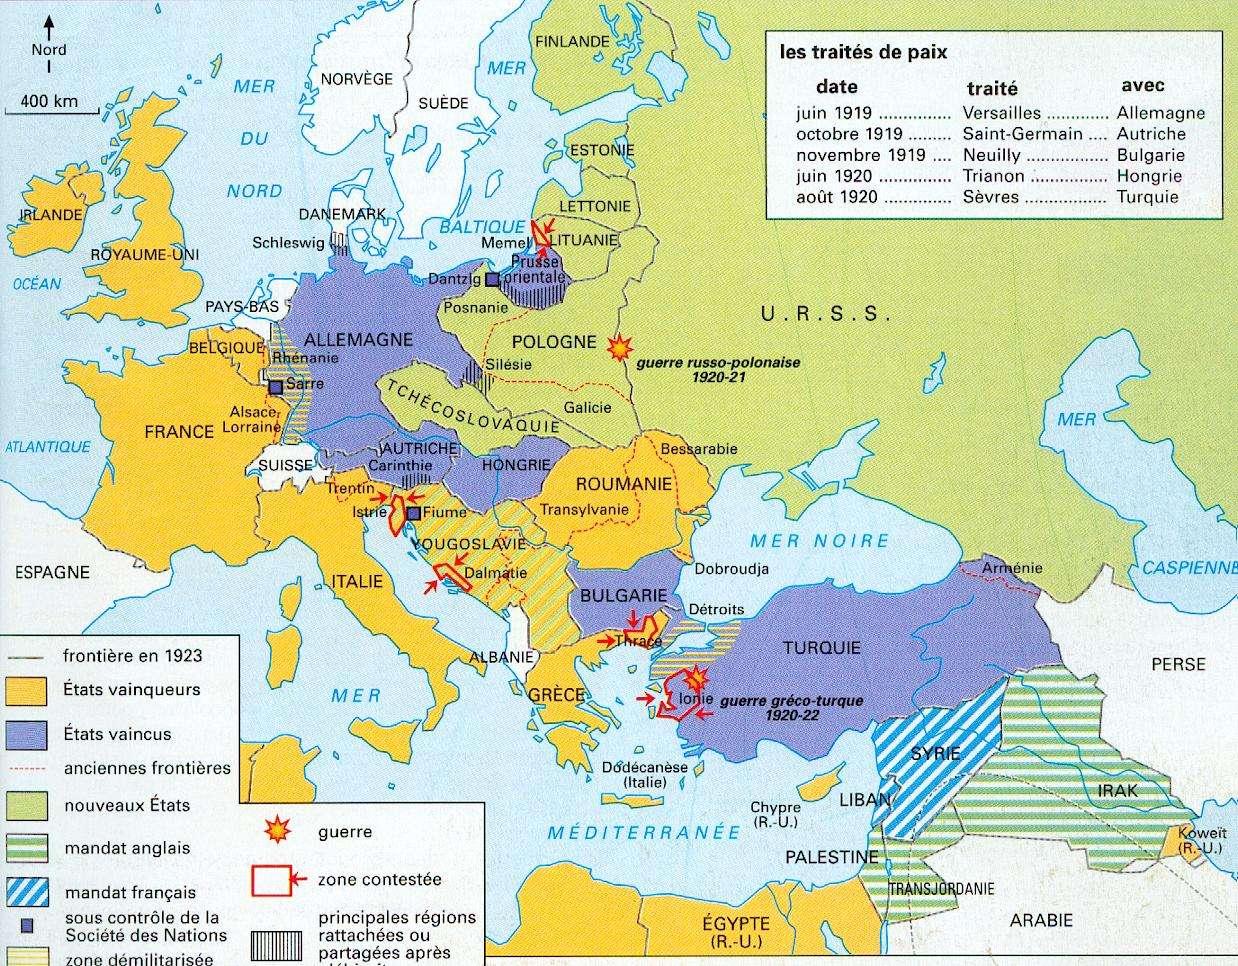 Carte De L Europe En 1923 | casamagenta